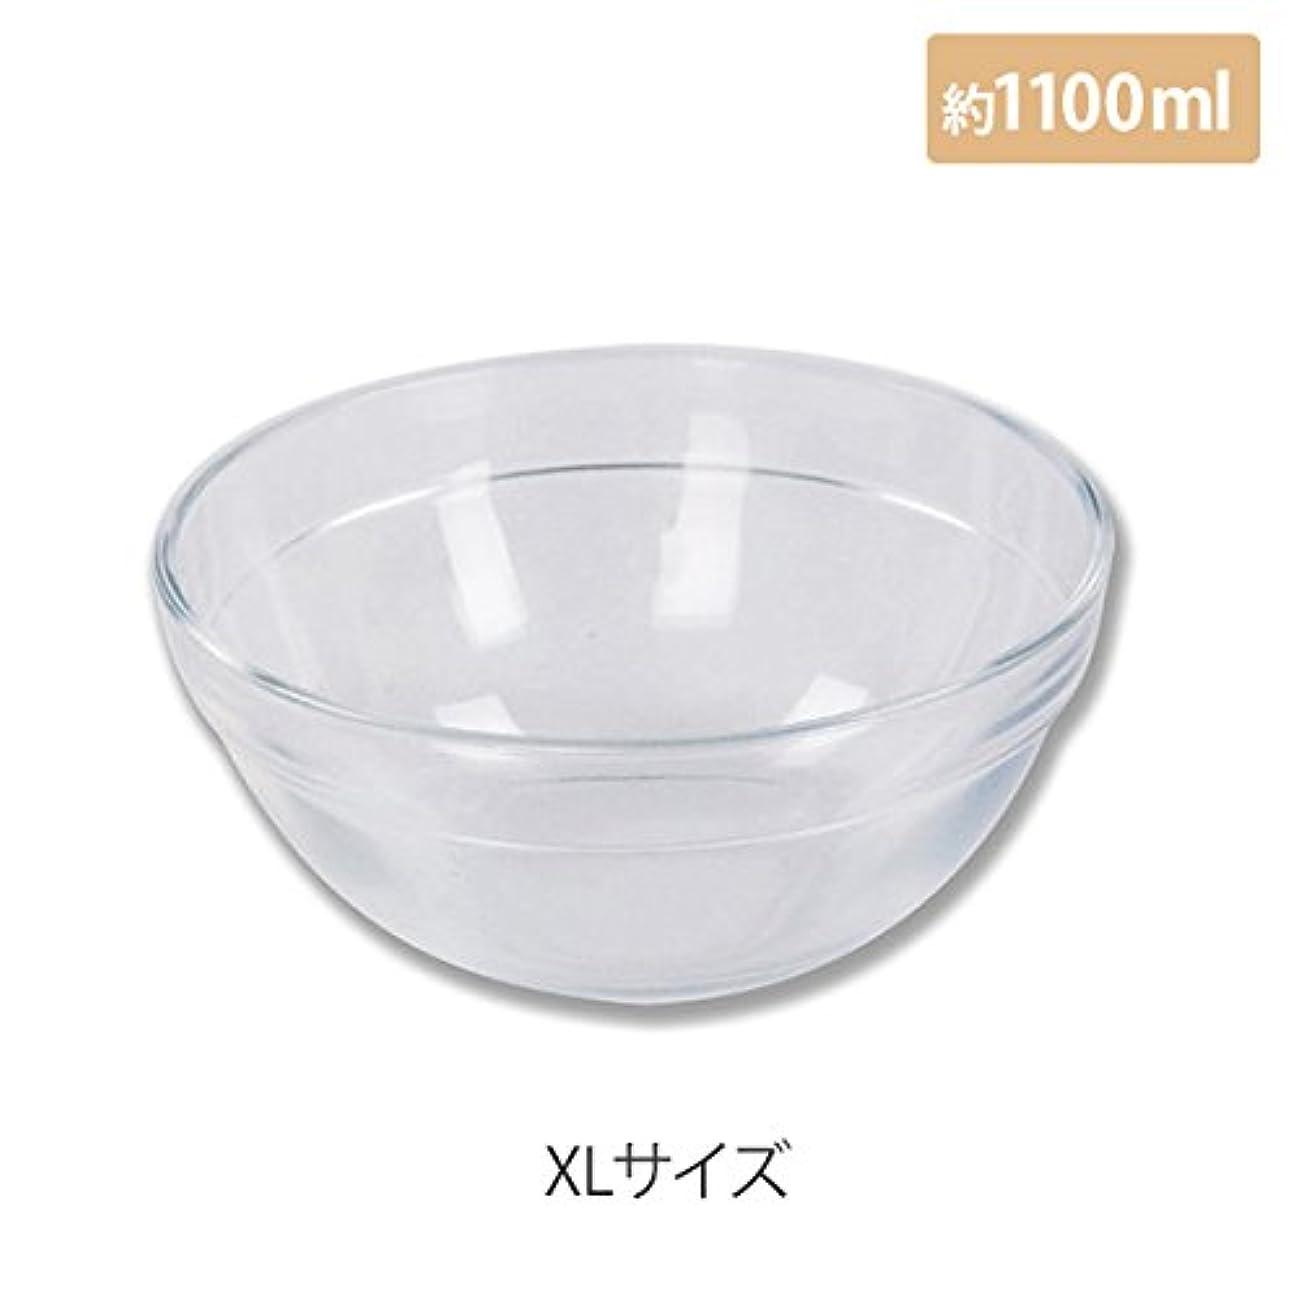 シャーク拡散するアブセイマイスター プラスティックボウル (XLサイズ) クリア 直径20cm [ プラスチックボール カップボウル カップボール エステ サロン プラスチック ボウル カップ 割れない ]